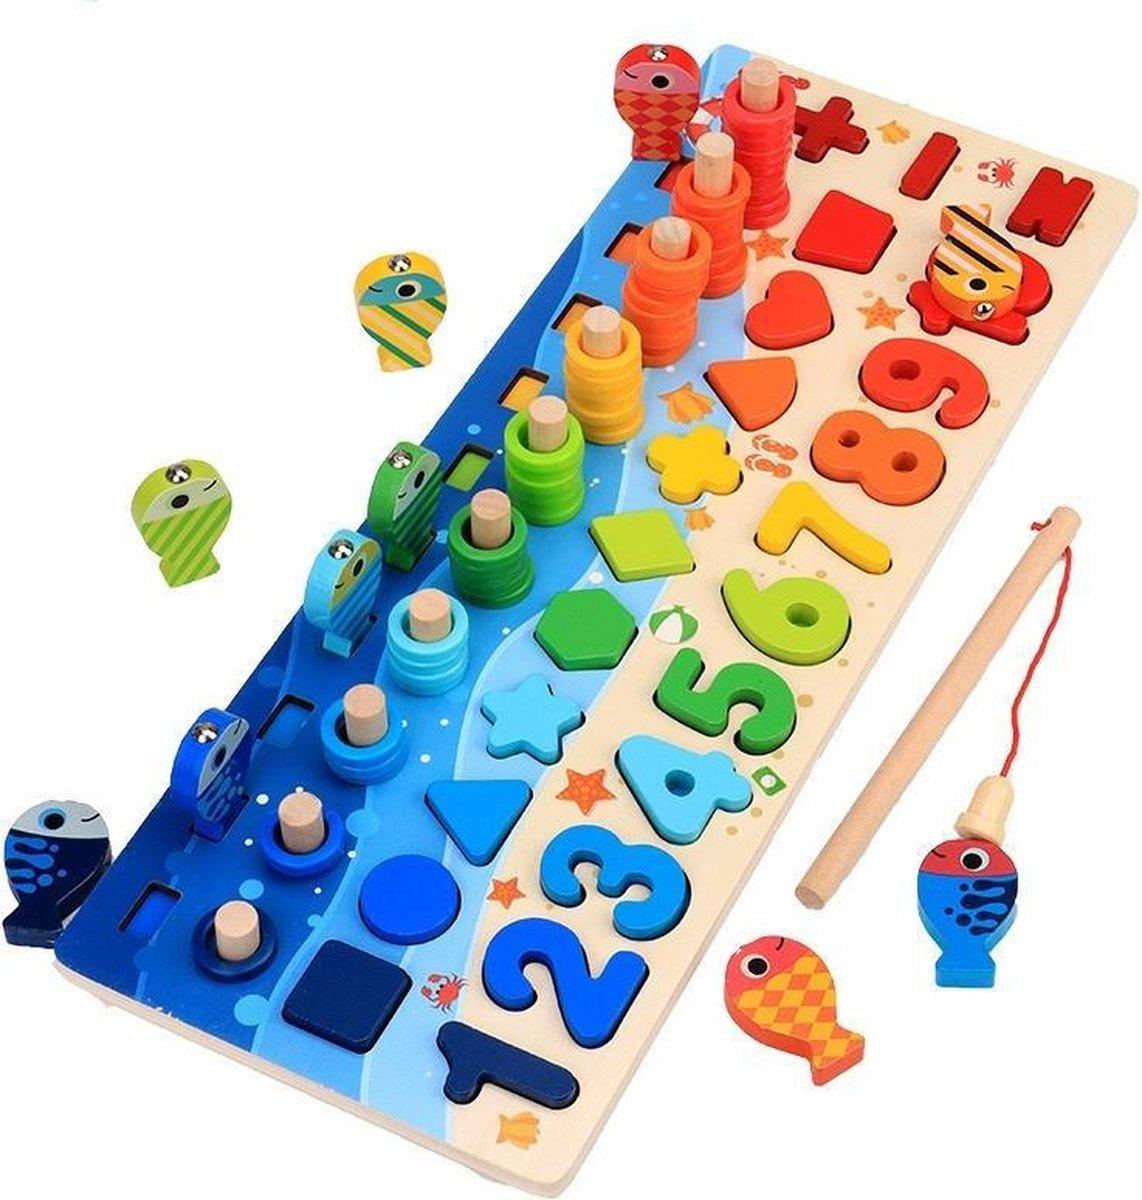 Smartgames voor kinderen - Spelend leren - Educatief speelgoed - Montessori speelgoed - Montessori voor thuis - Educatief speelgoed 4 jaar - Speelgoed jongens en meisjes - Rekenspelletjes